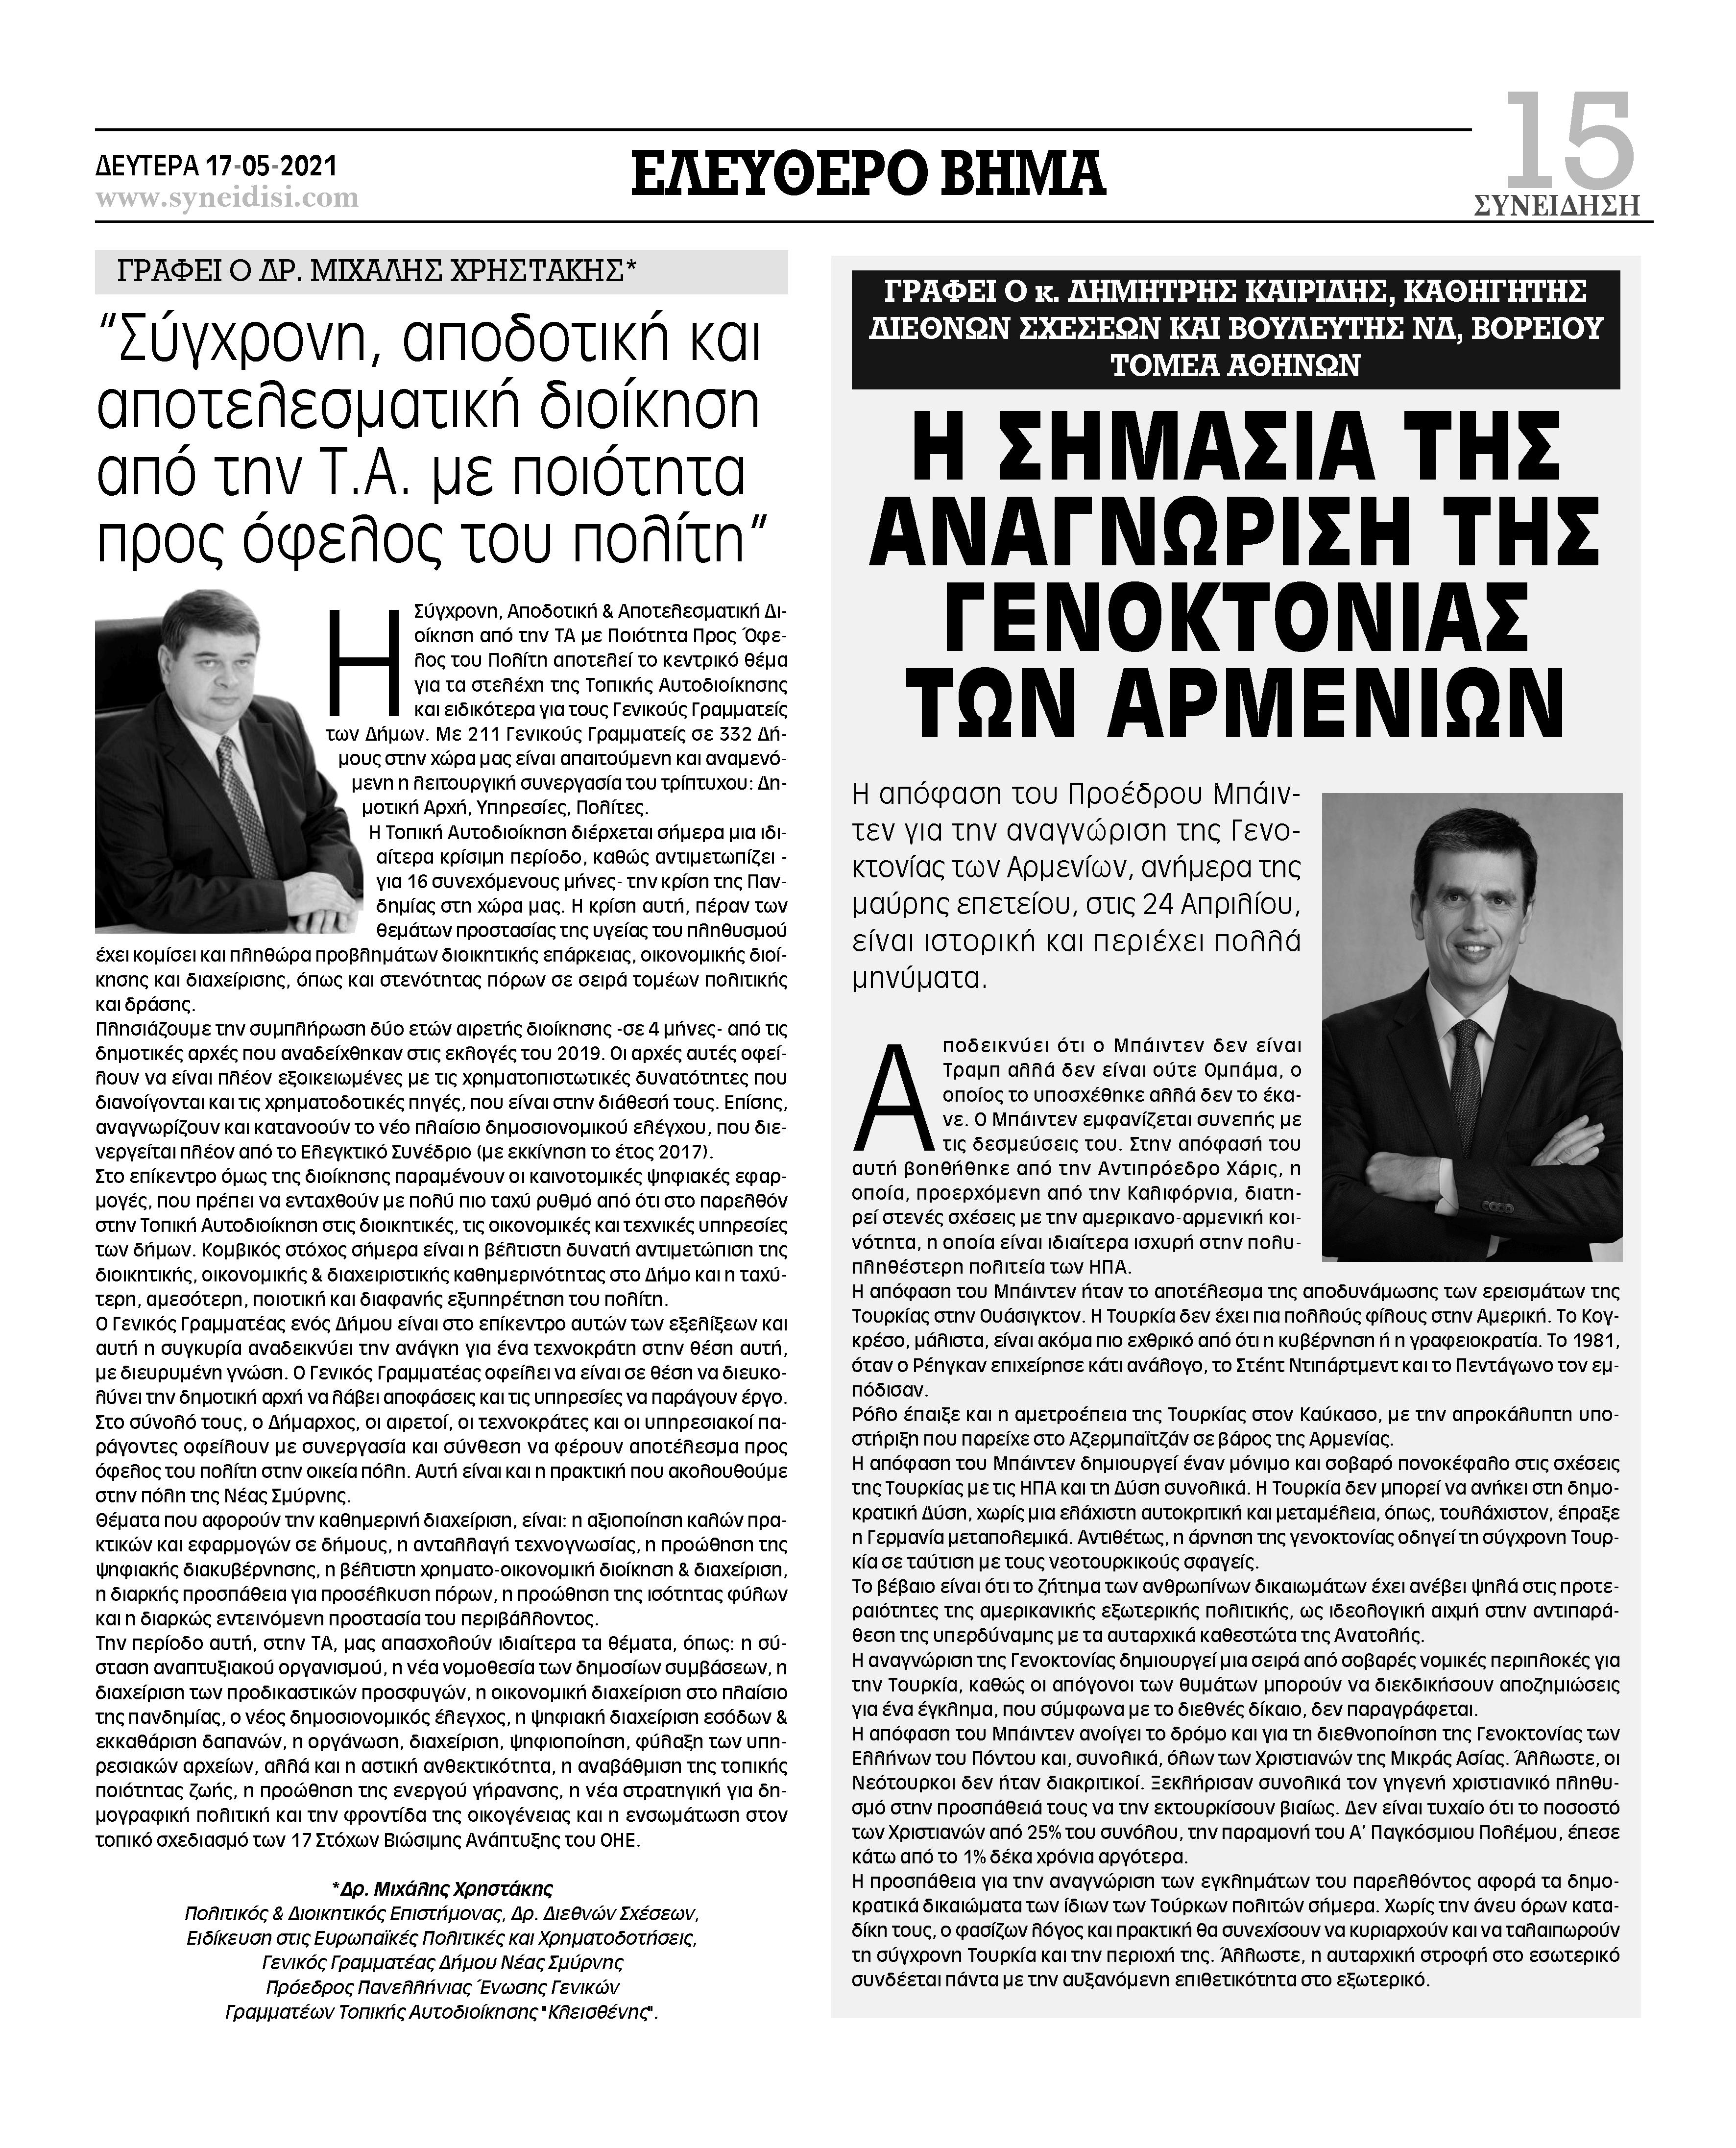 Η σημασία της αναγνώρισης της Γενοκτονίας των Αρμενίων (Εφημερίδα Συνείδηση)